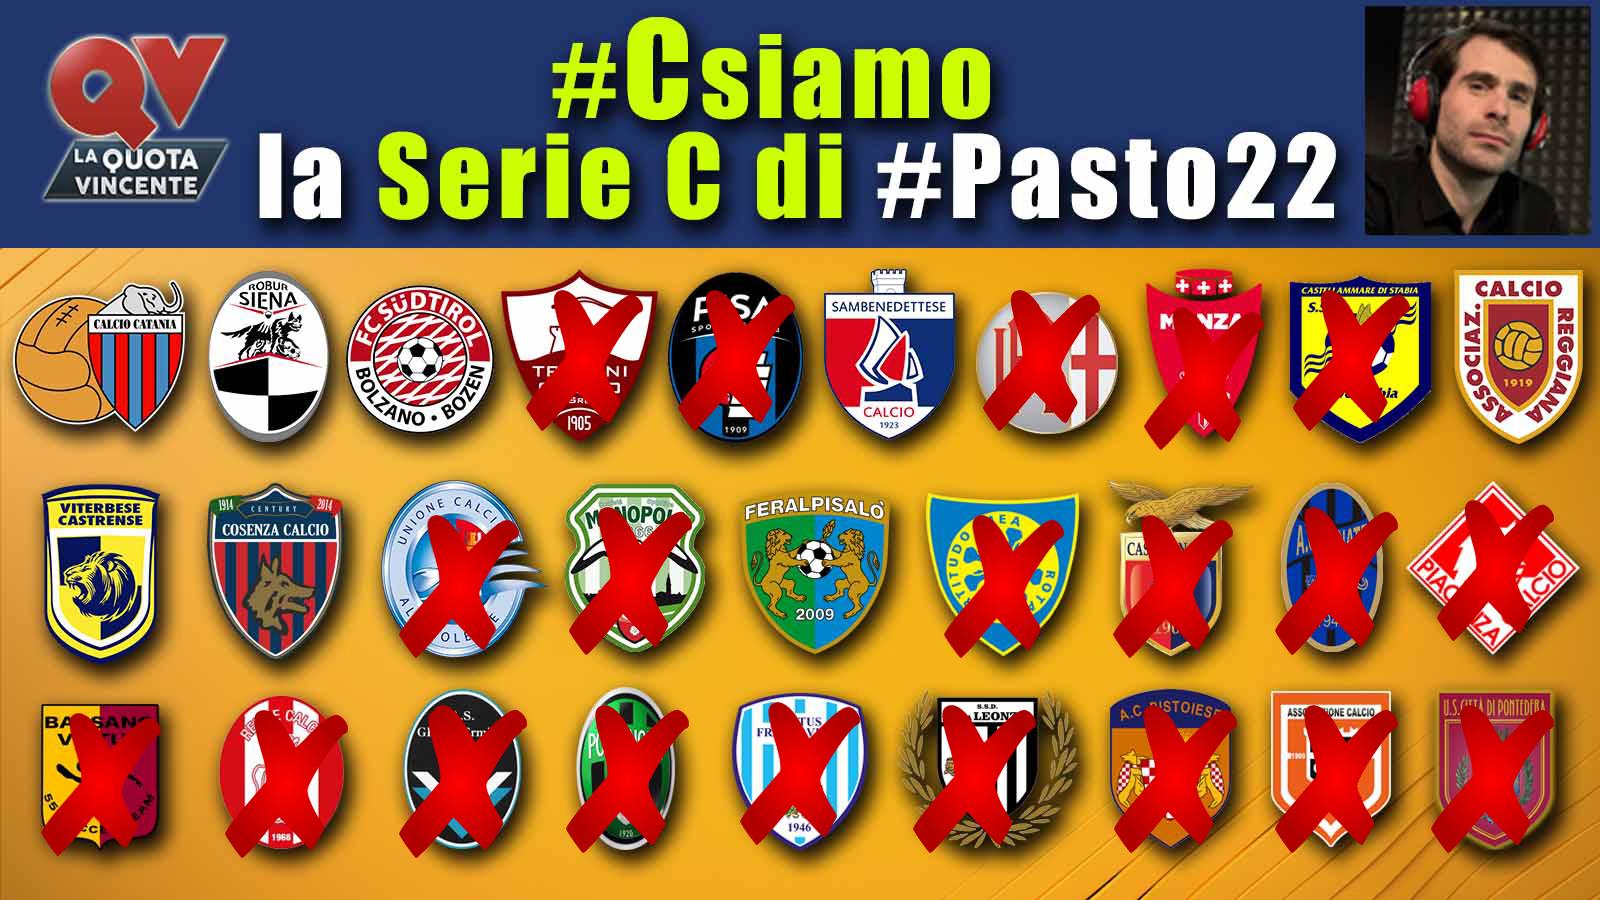 Pronostici Serie C 30 maggio: #Csiamo, il blog di #Pasto22 speciale playoff